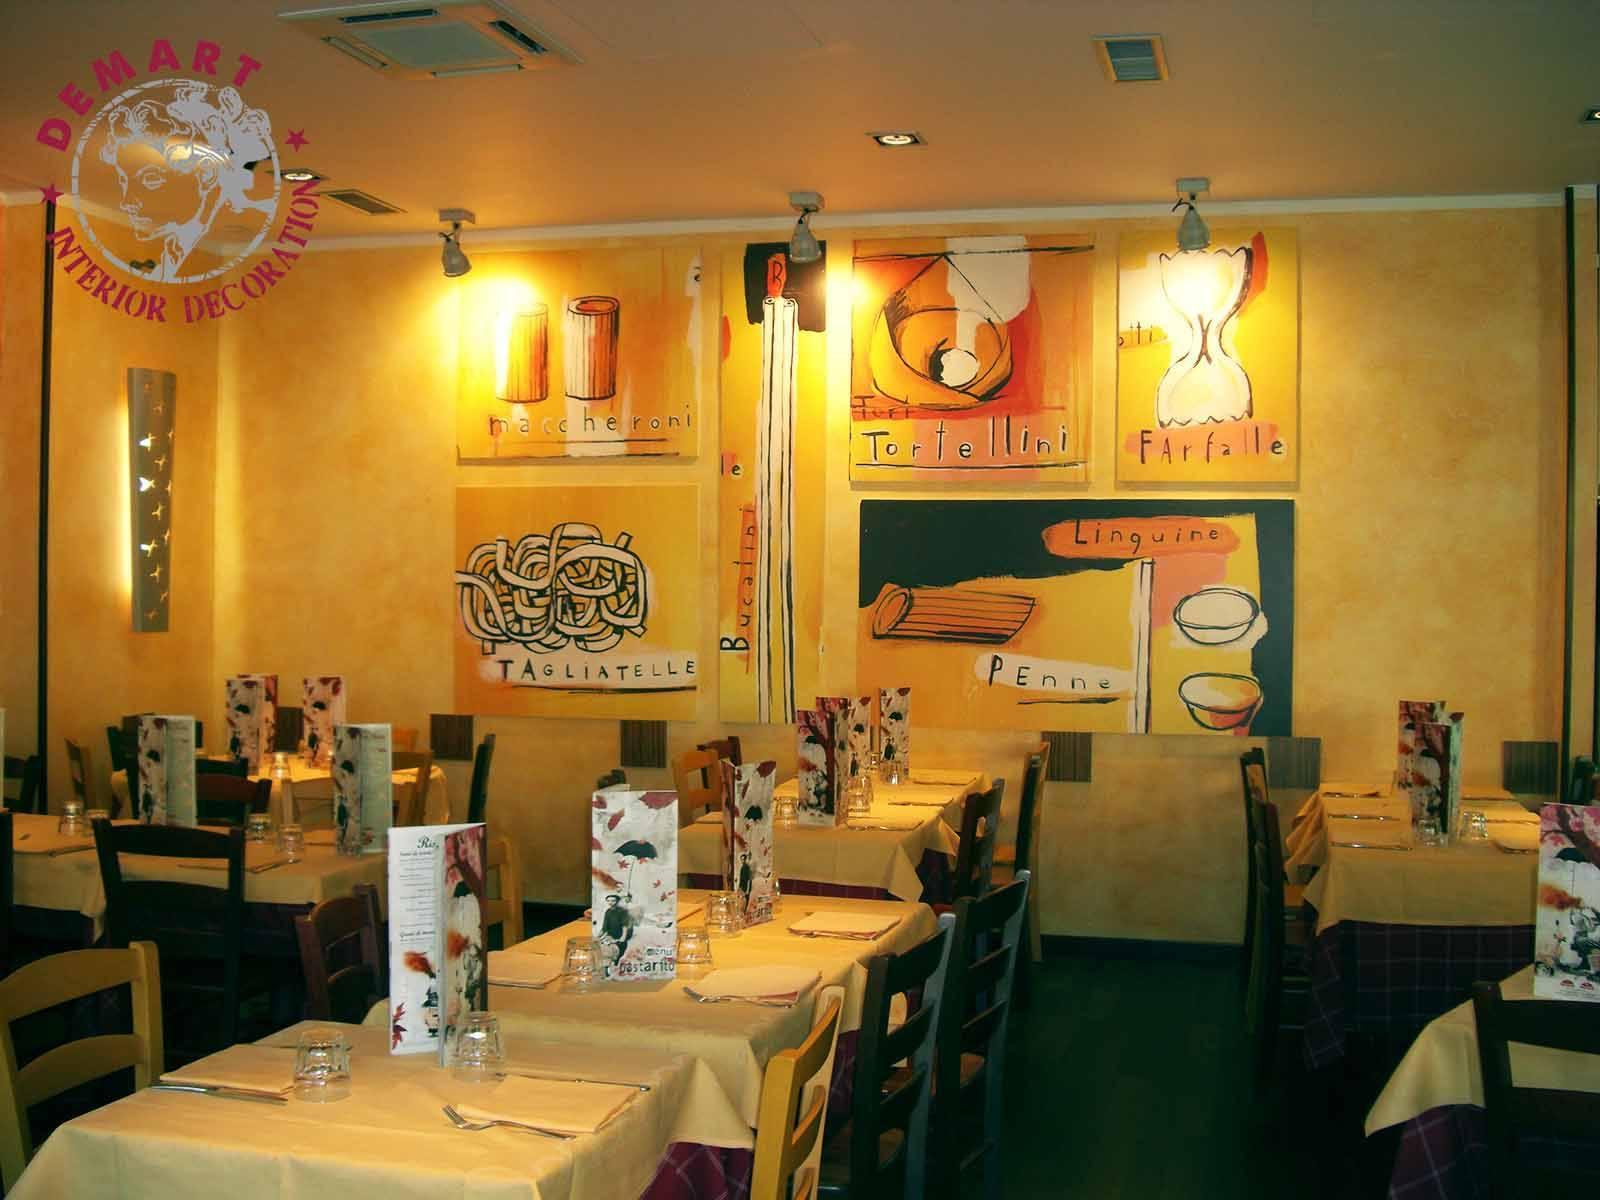 decorazione-parete-ristorante